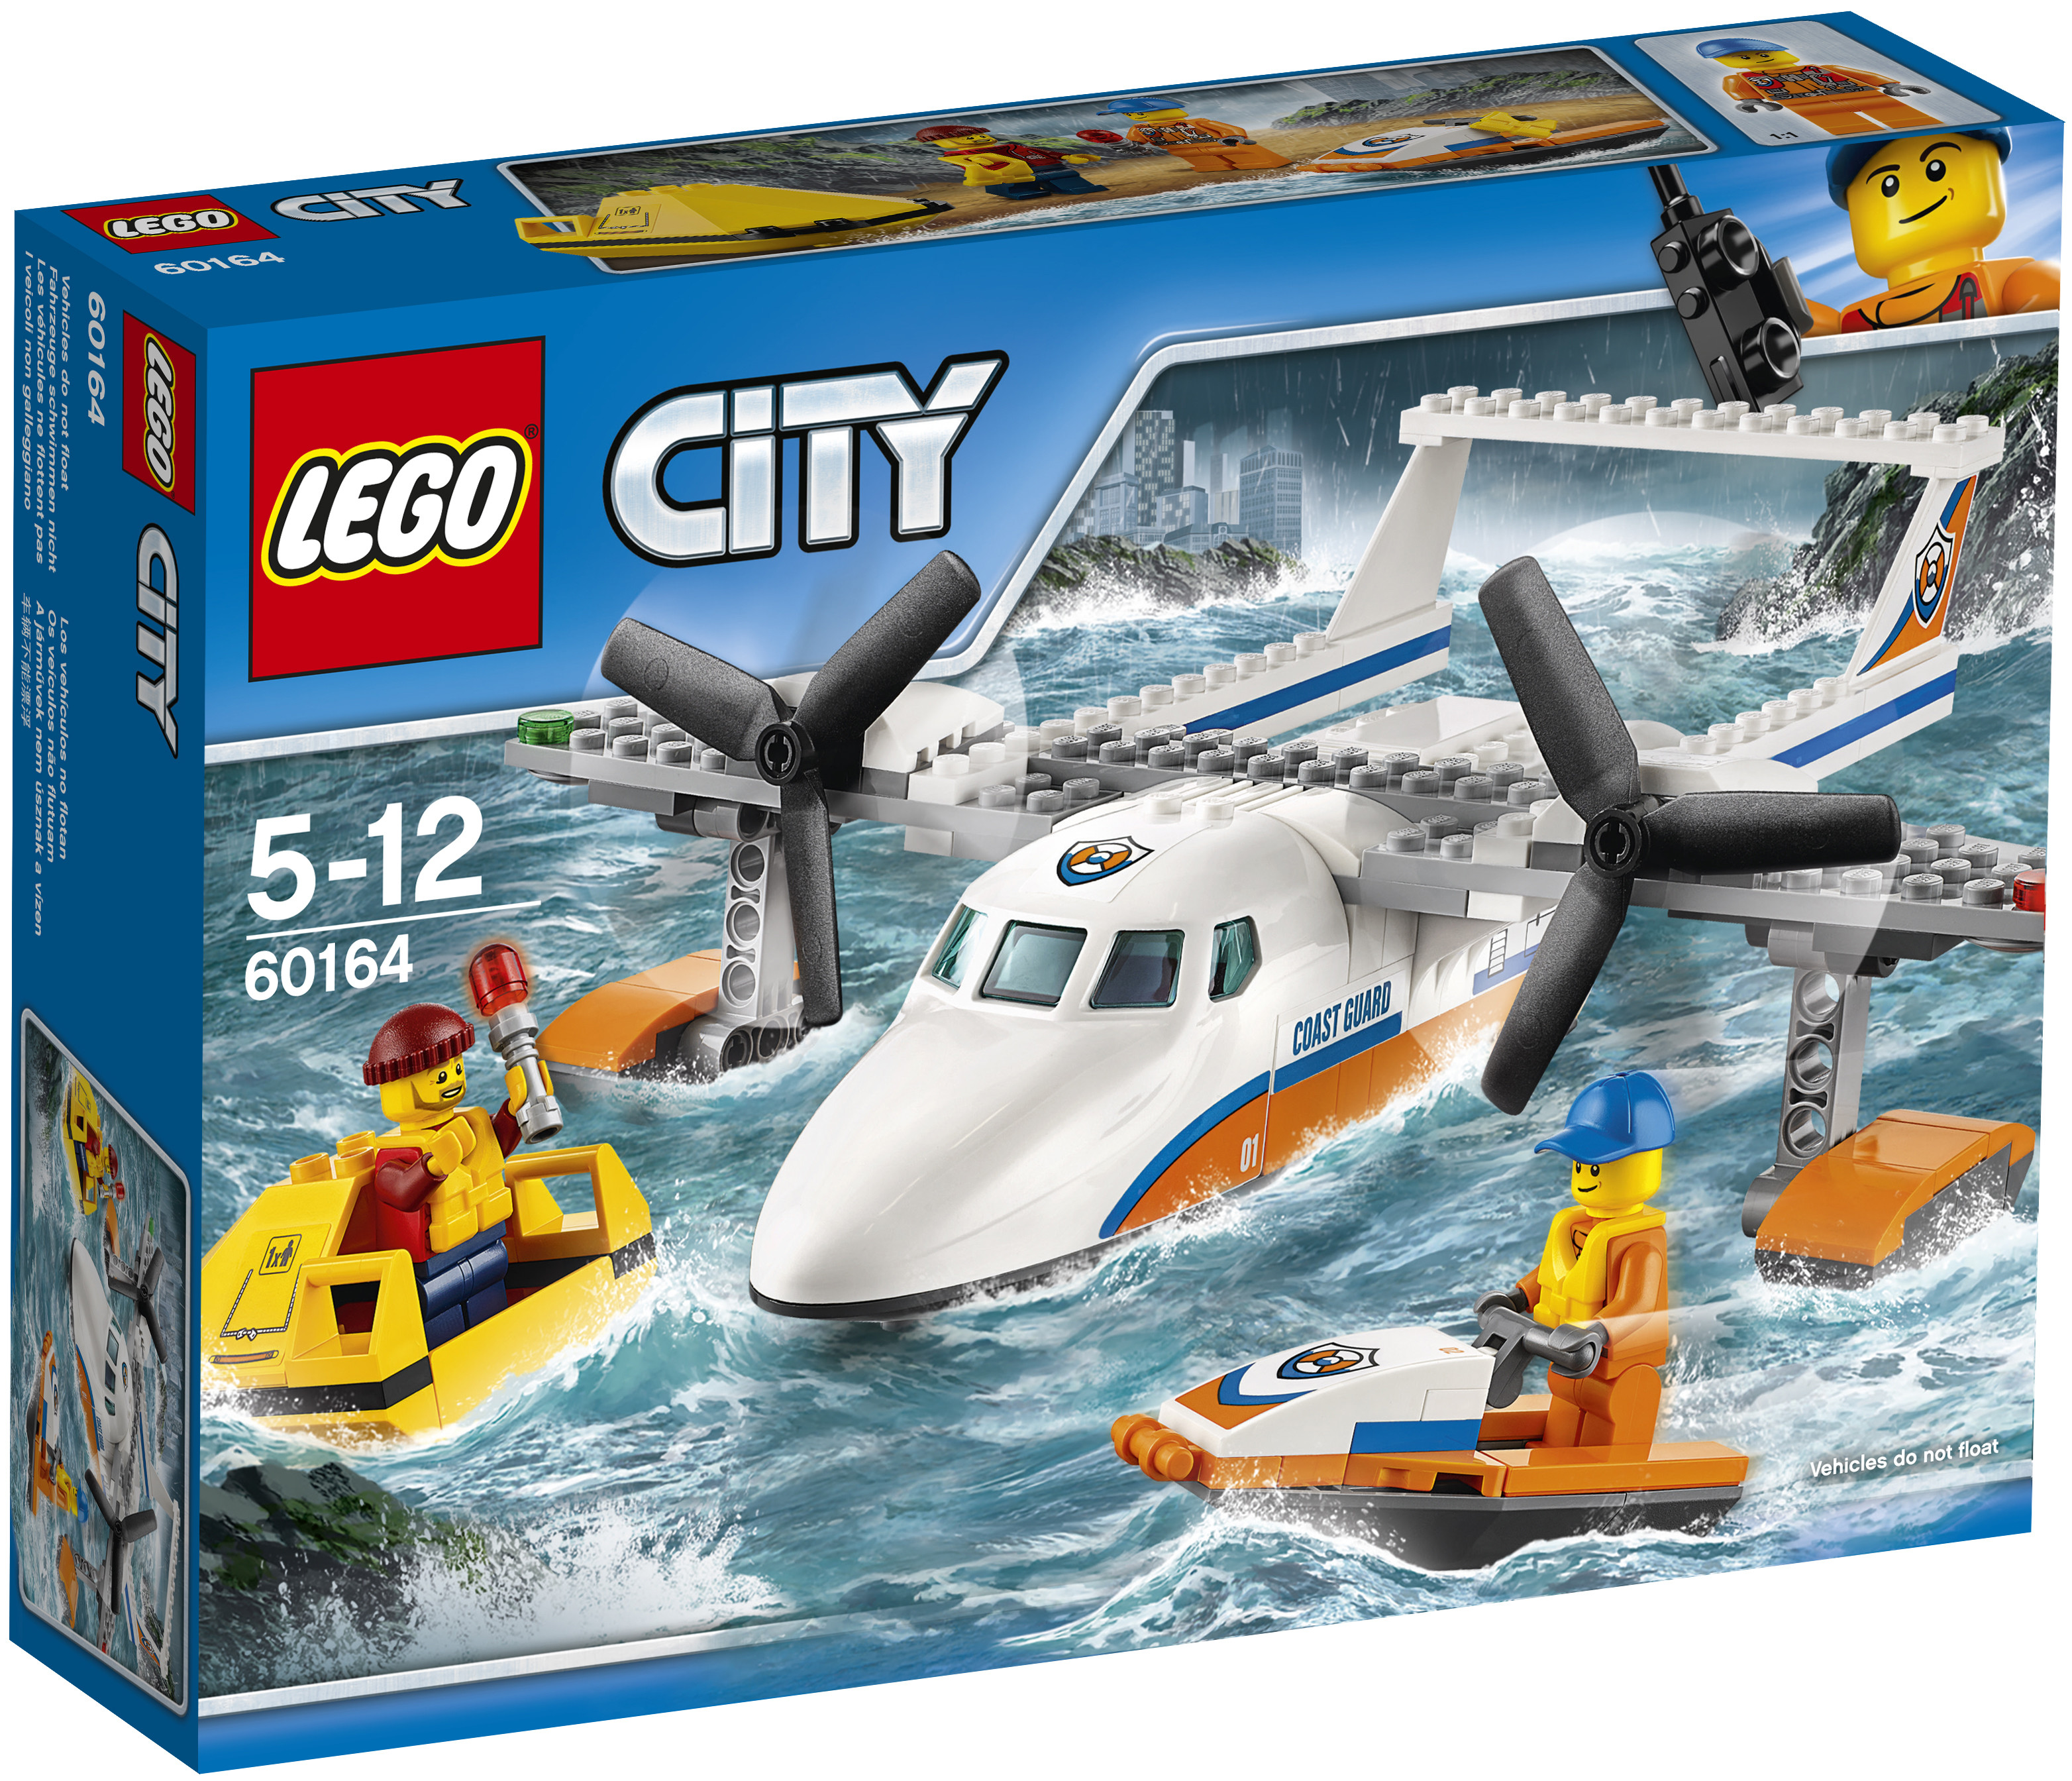 цена на Конструктор LEGO LEGO City Coast Guard 60164 Спасательный самолет береговой охраны